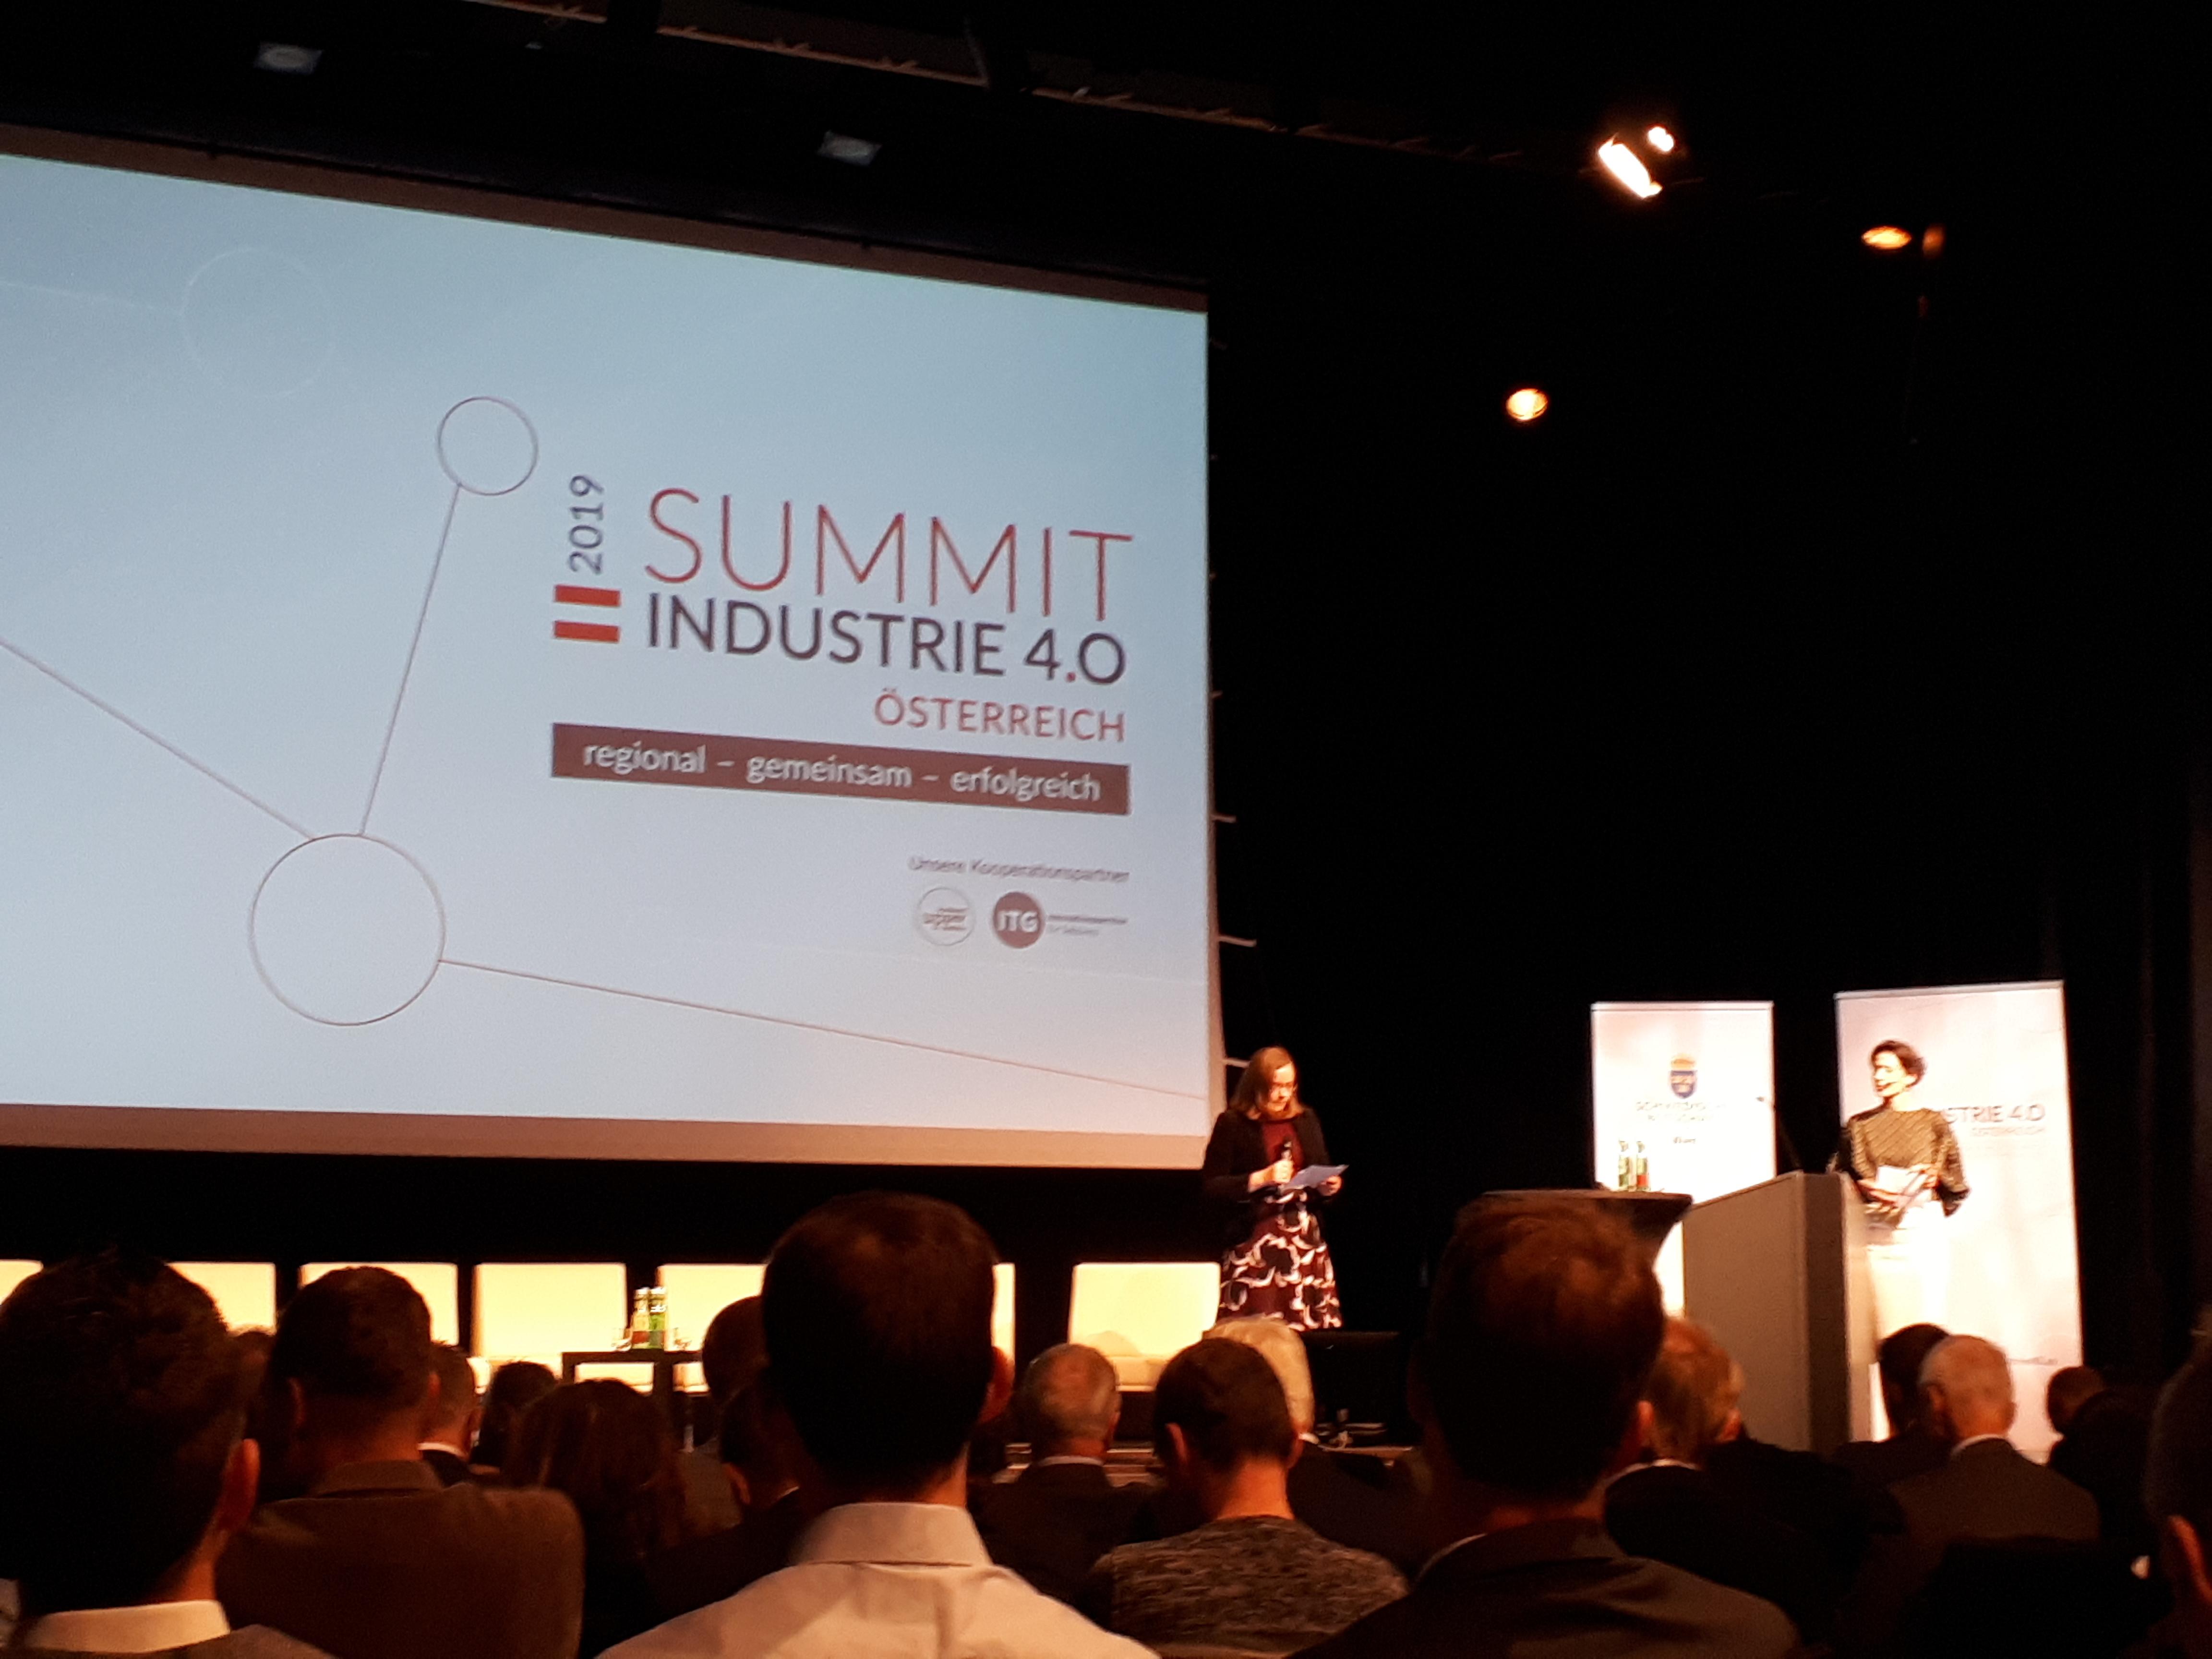 Summit Industry 4.0